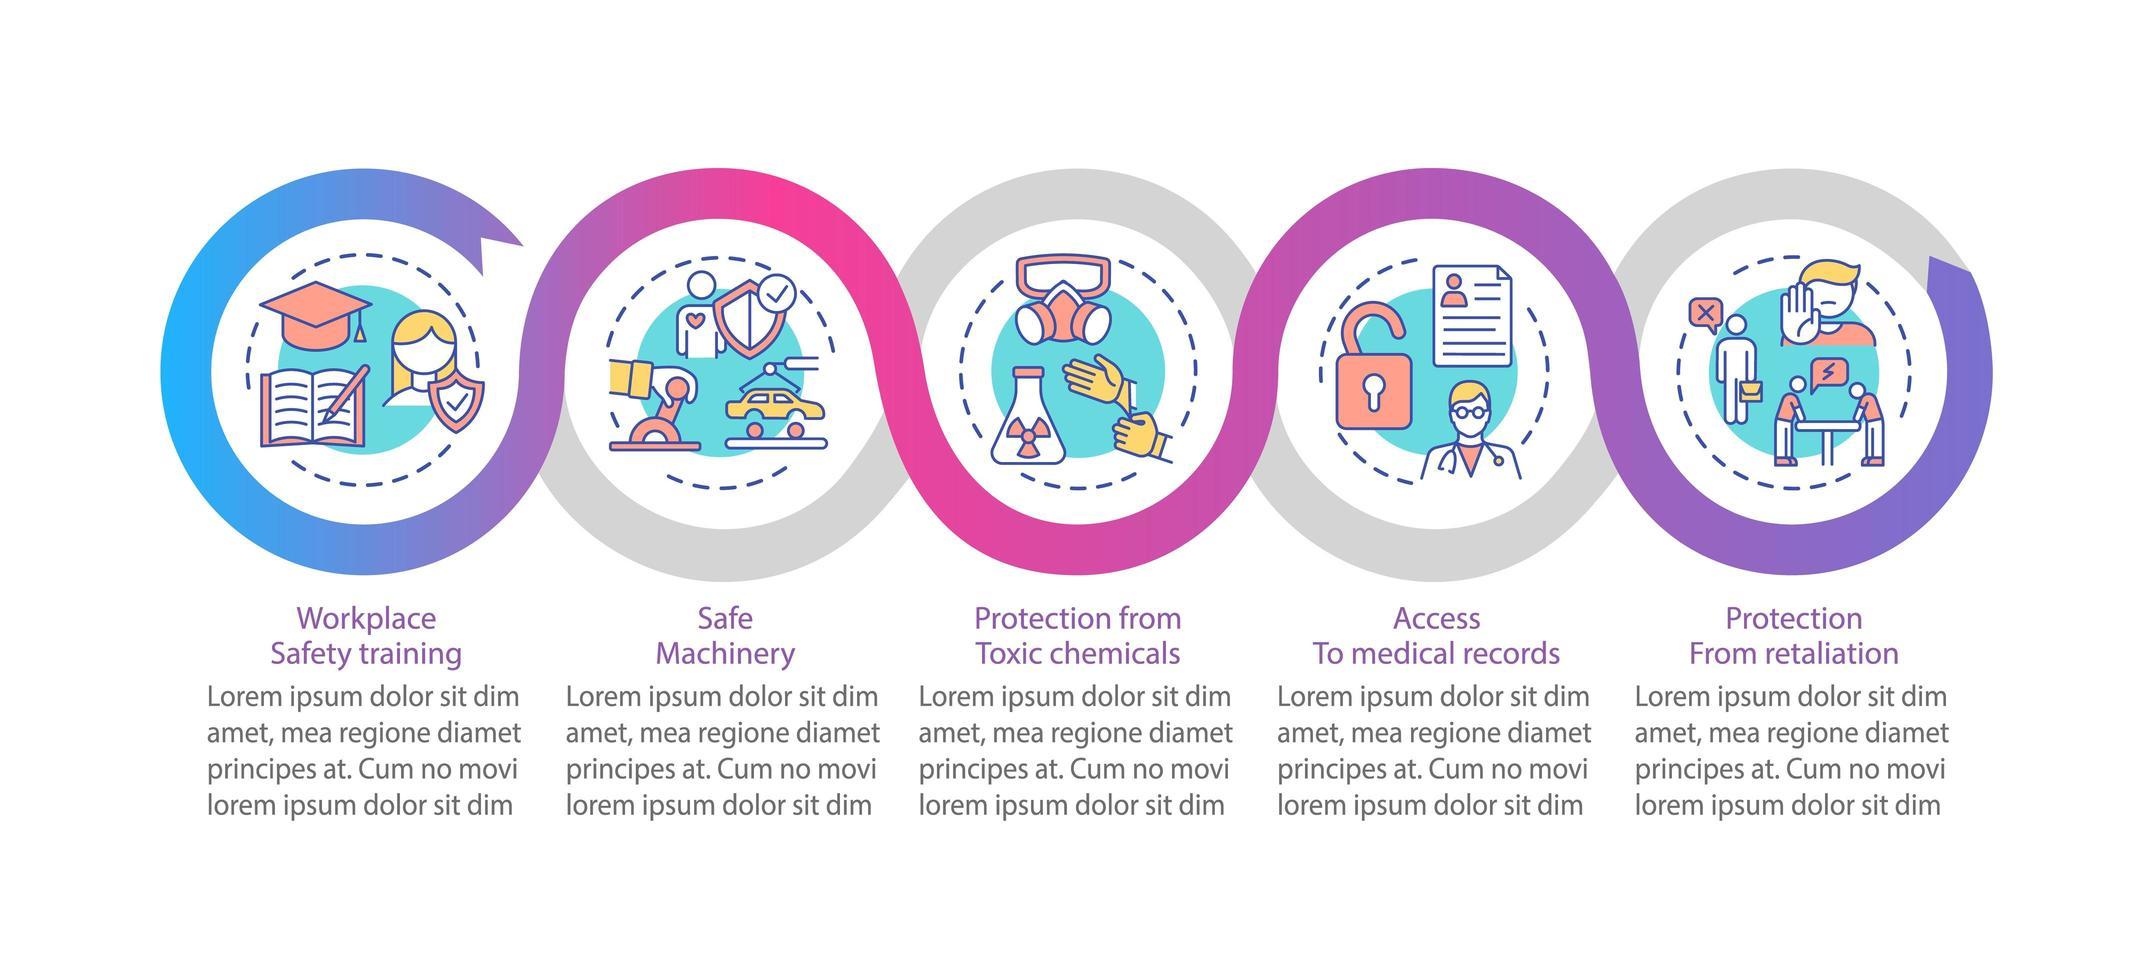 modello di infografica vettoriale diritti di sicurezza sul lavoro